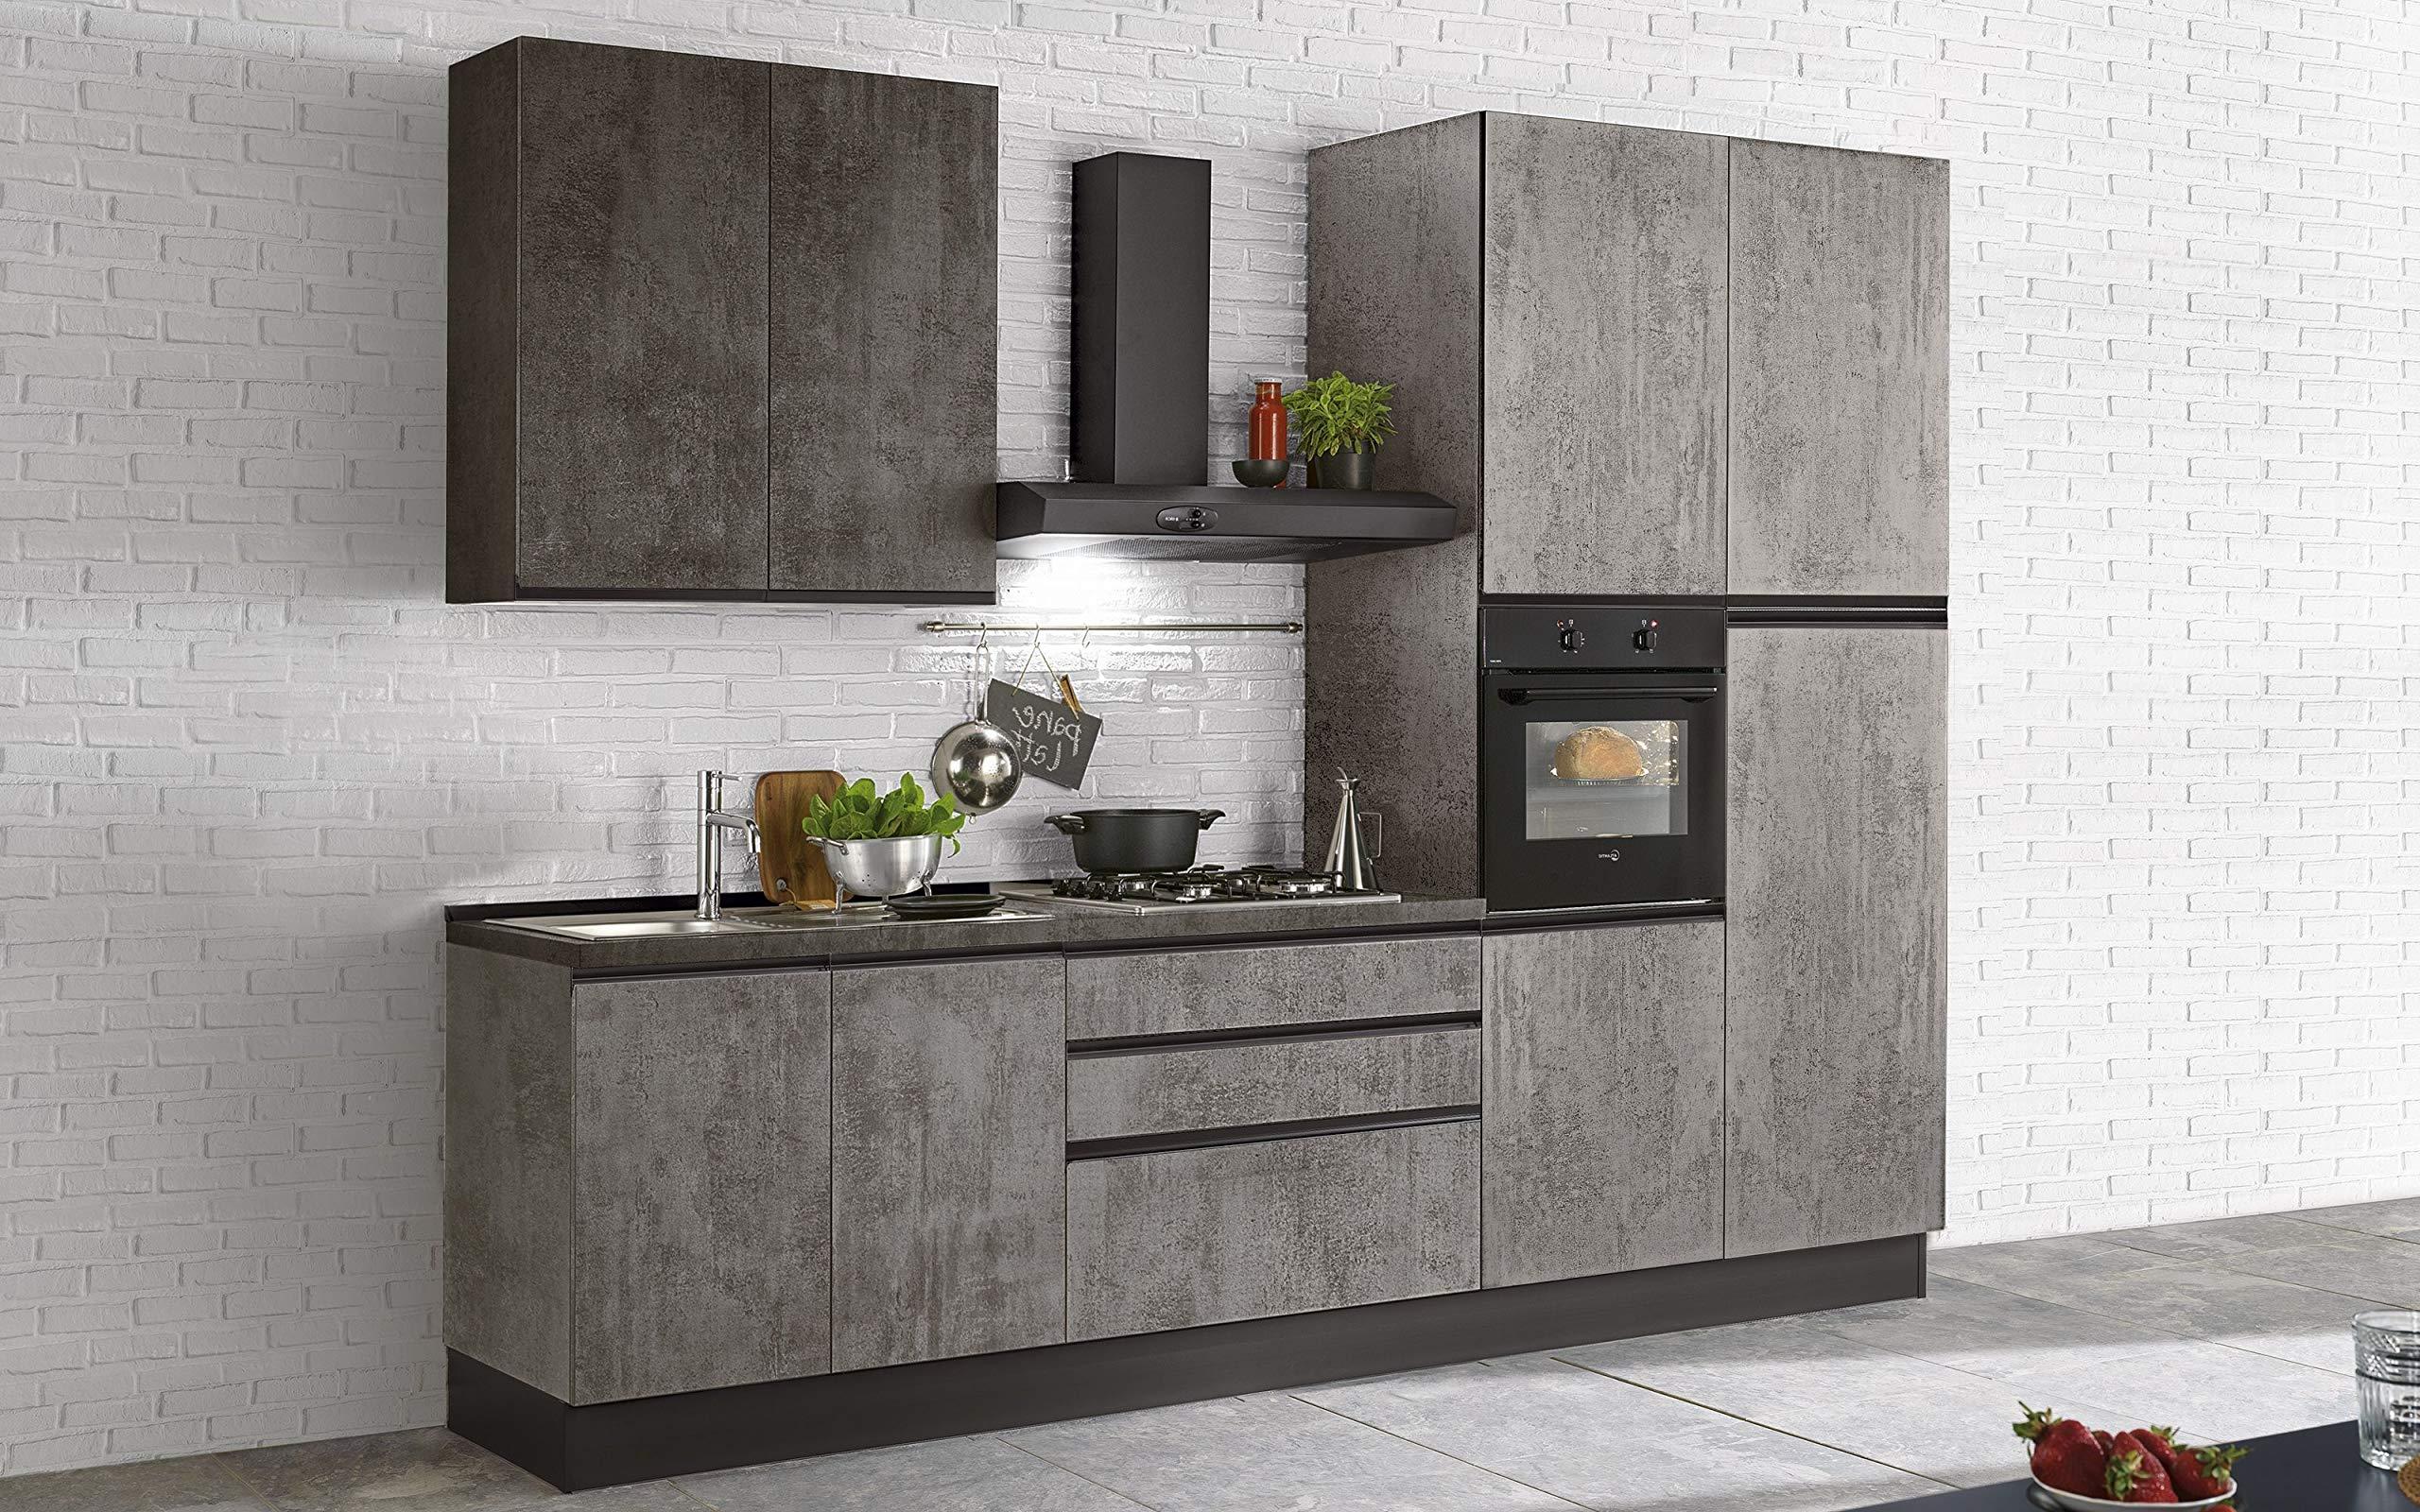 Cocina completa - Lado DX cm. 300 x 60 x 243 h - Incluye: campana extractora, horno ventilado, lavabo, frigorífico, heladera, placa de cocción a gas con 4 fuegos, n.º 8 y 3 cajones.: Amazon.es: Hogar